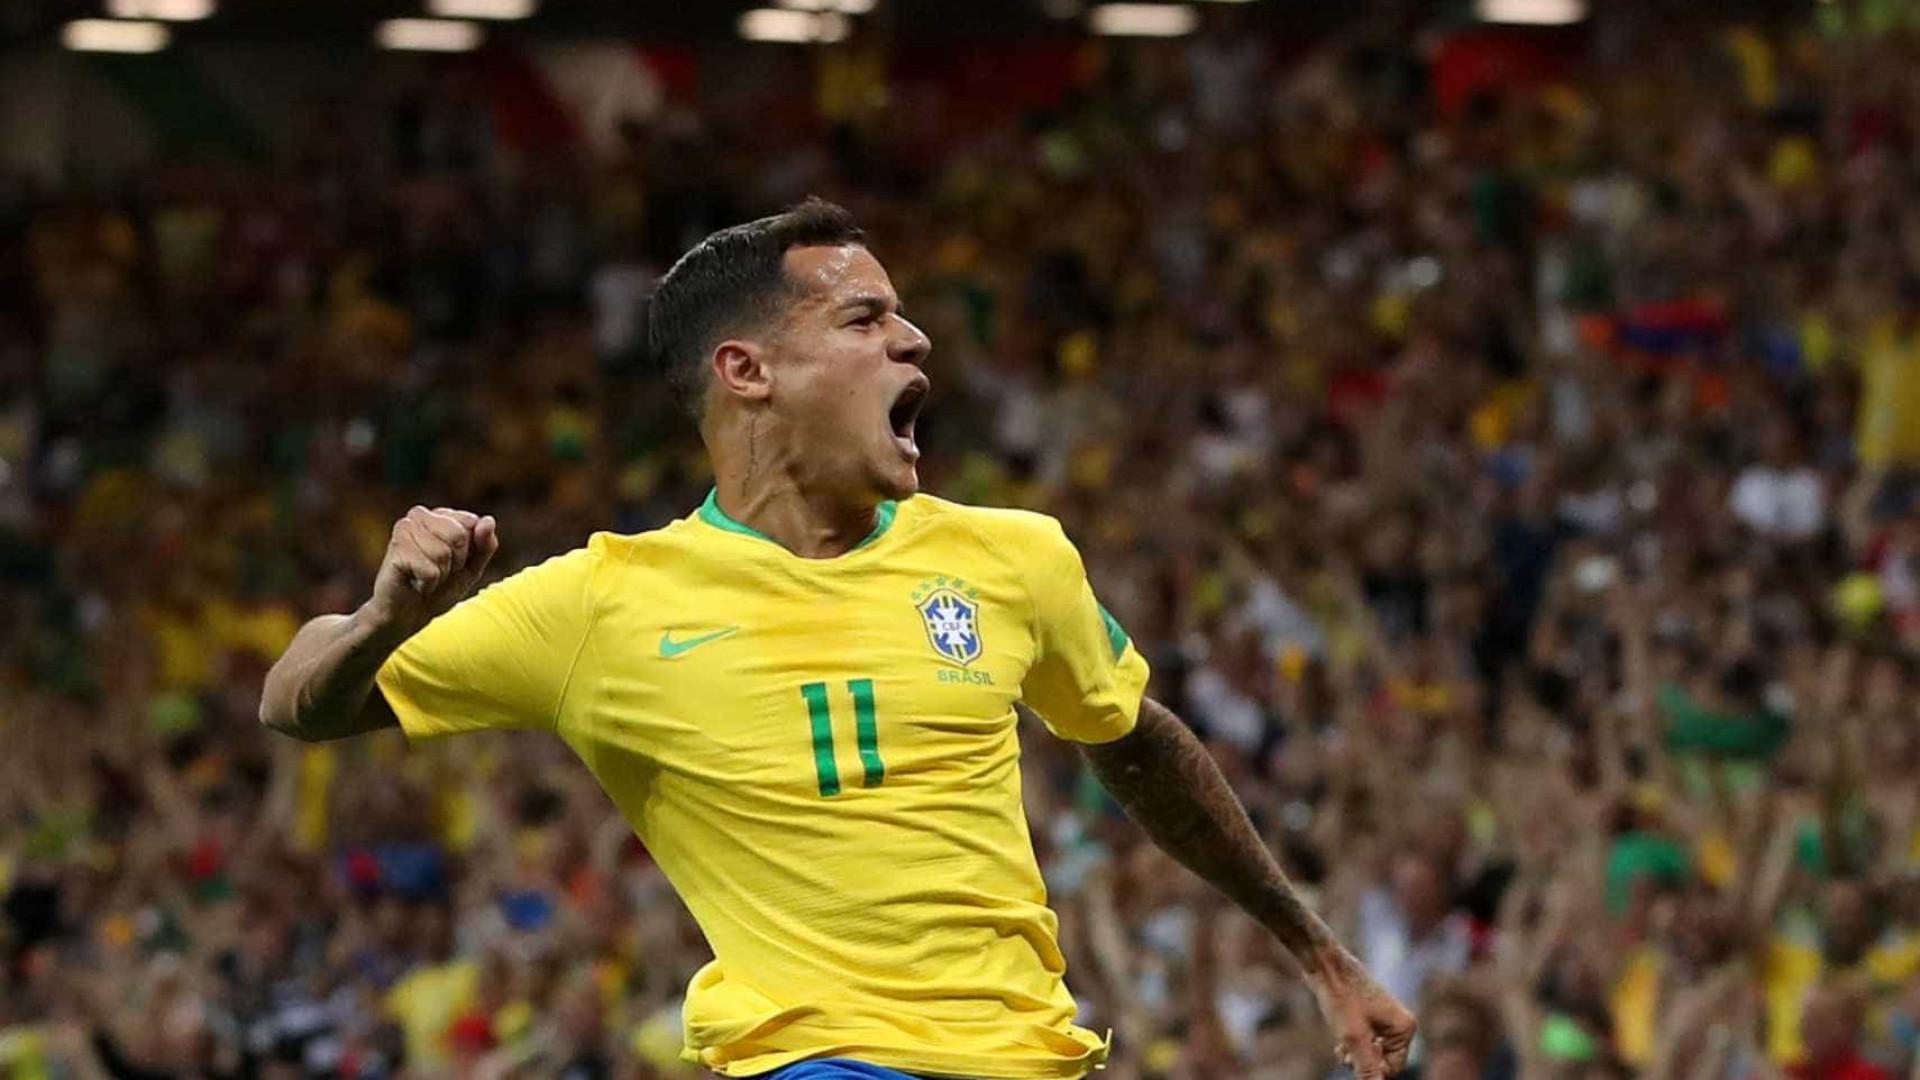 Compartilhe sua torcida pelo Brasil com efeito do Facebook